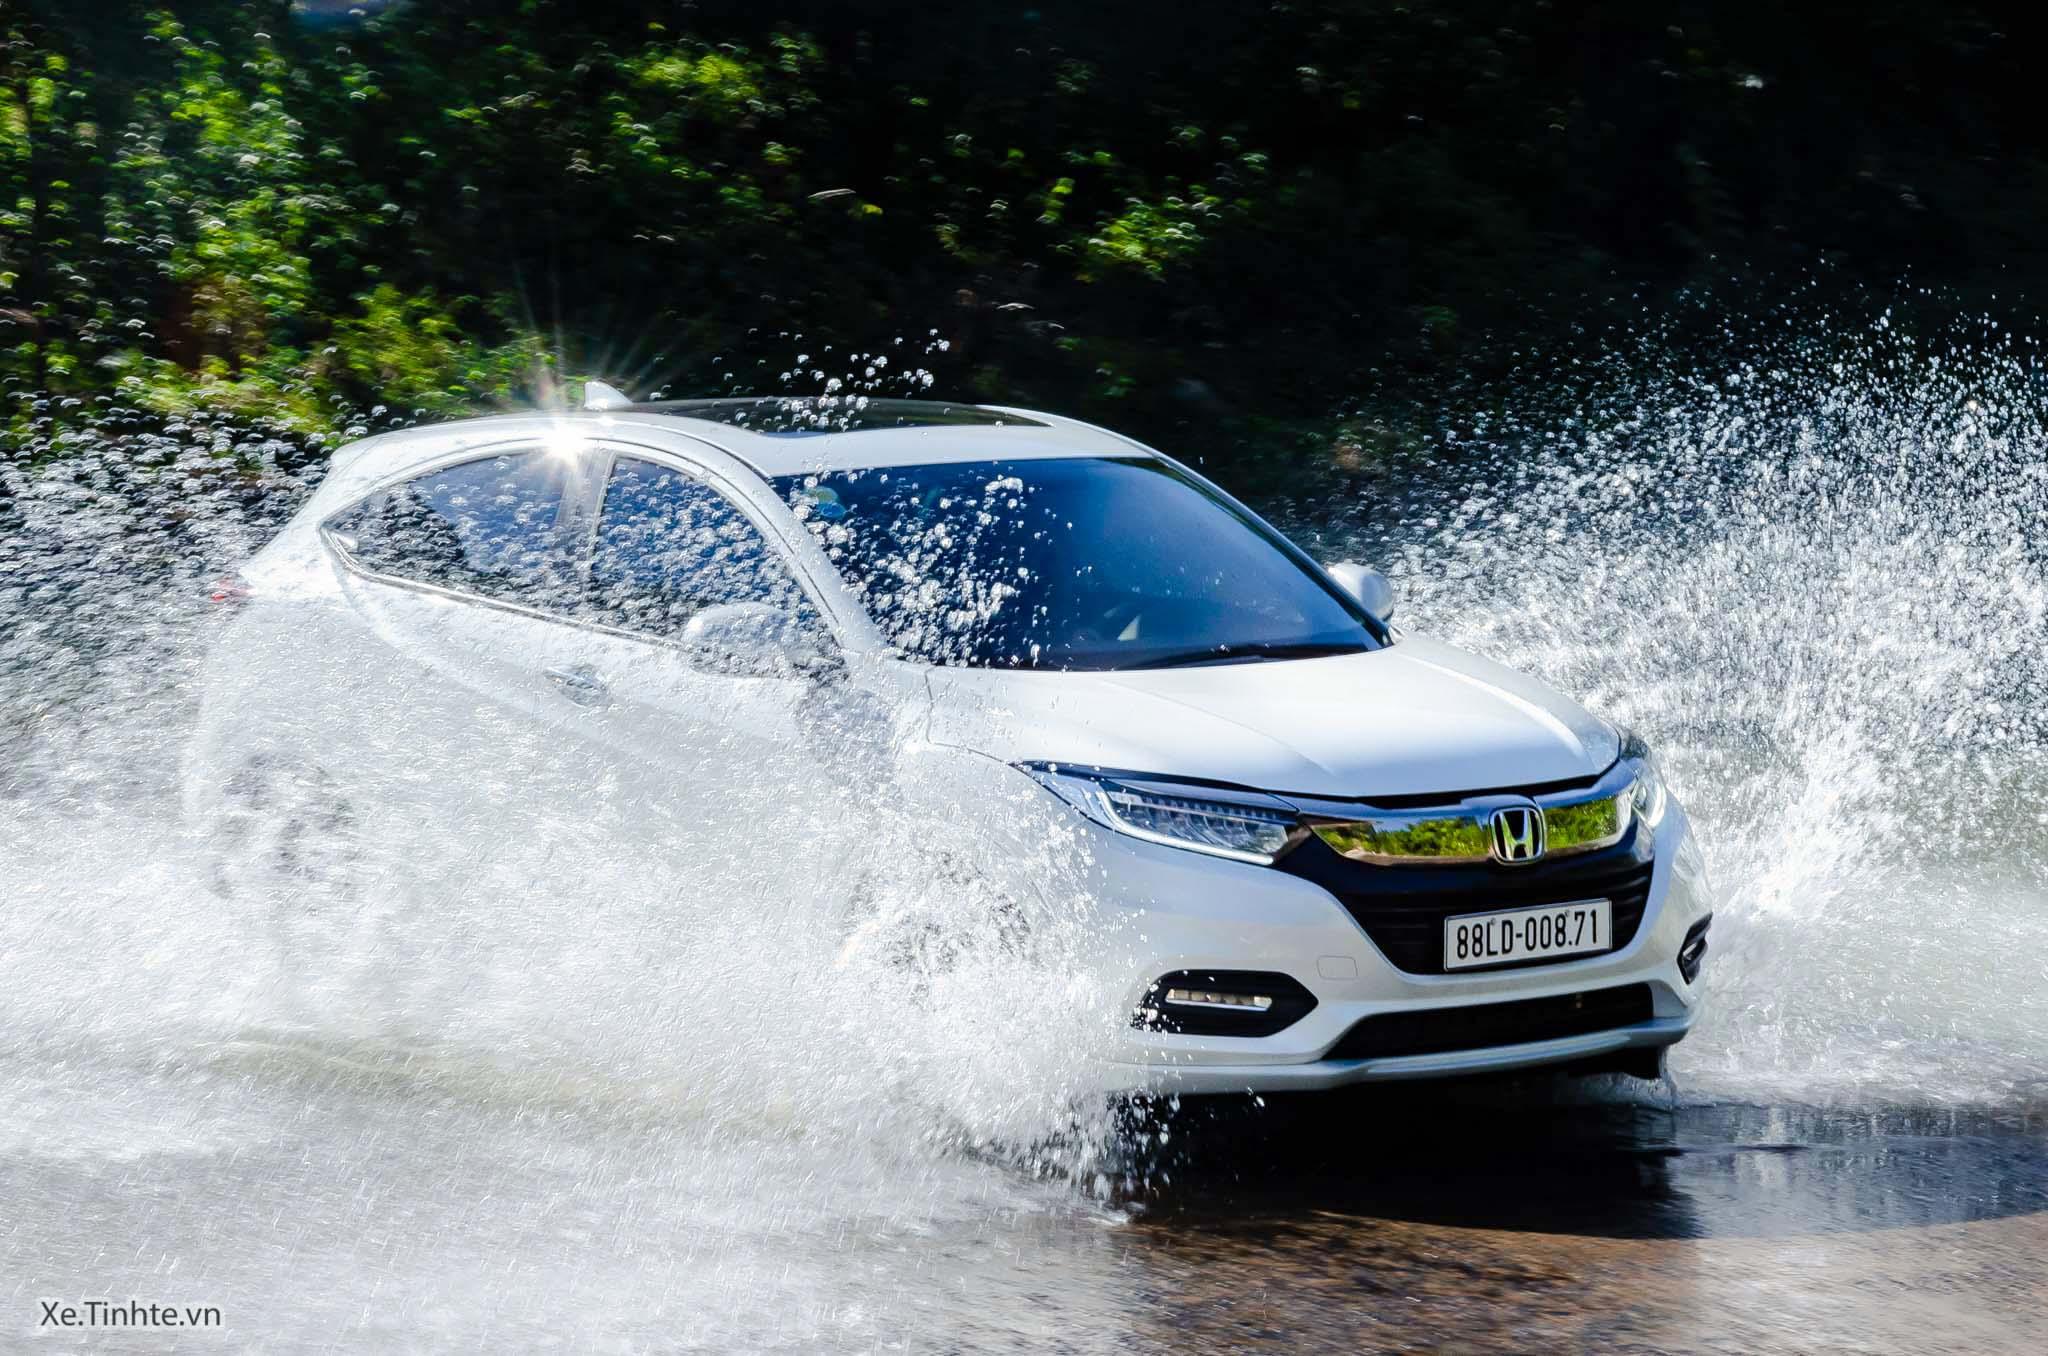 Honda_HR-V 2018_Xe.tinhte.vn-3526-2.jpg